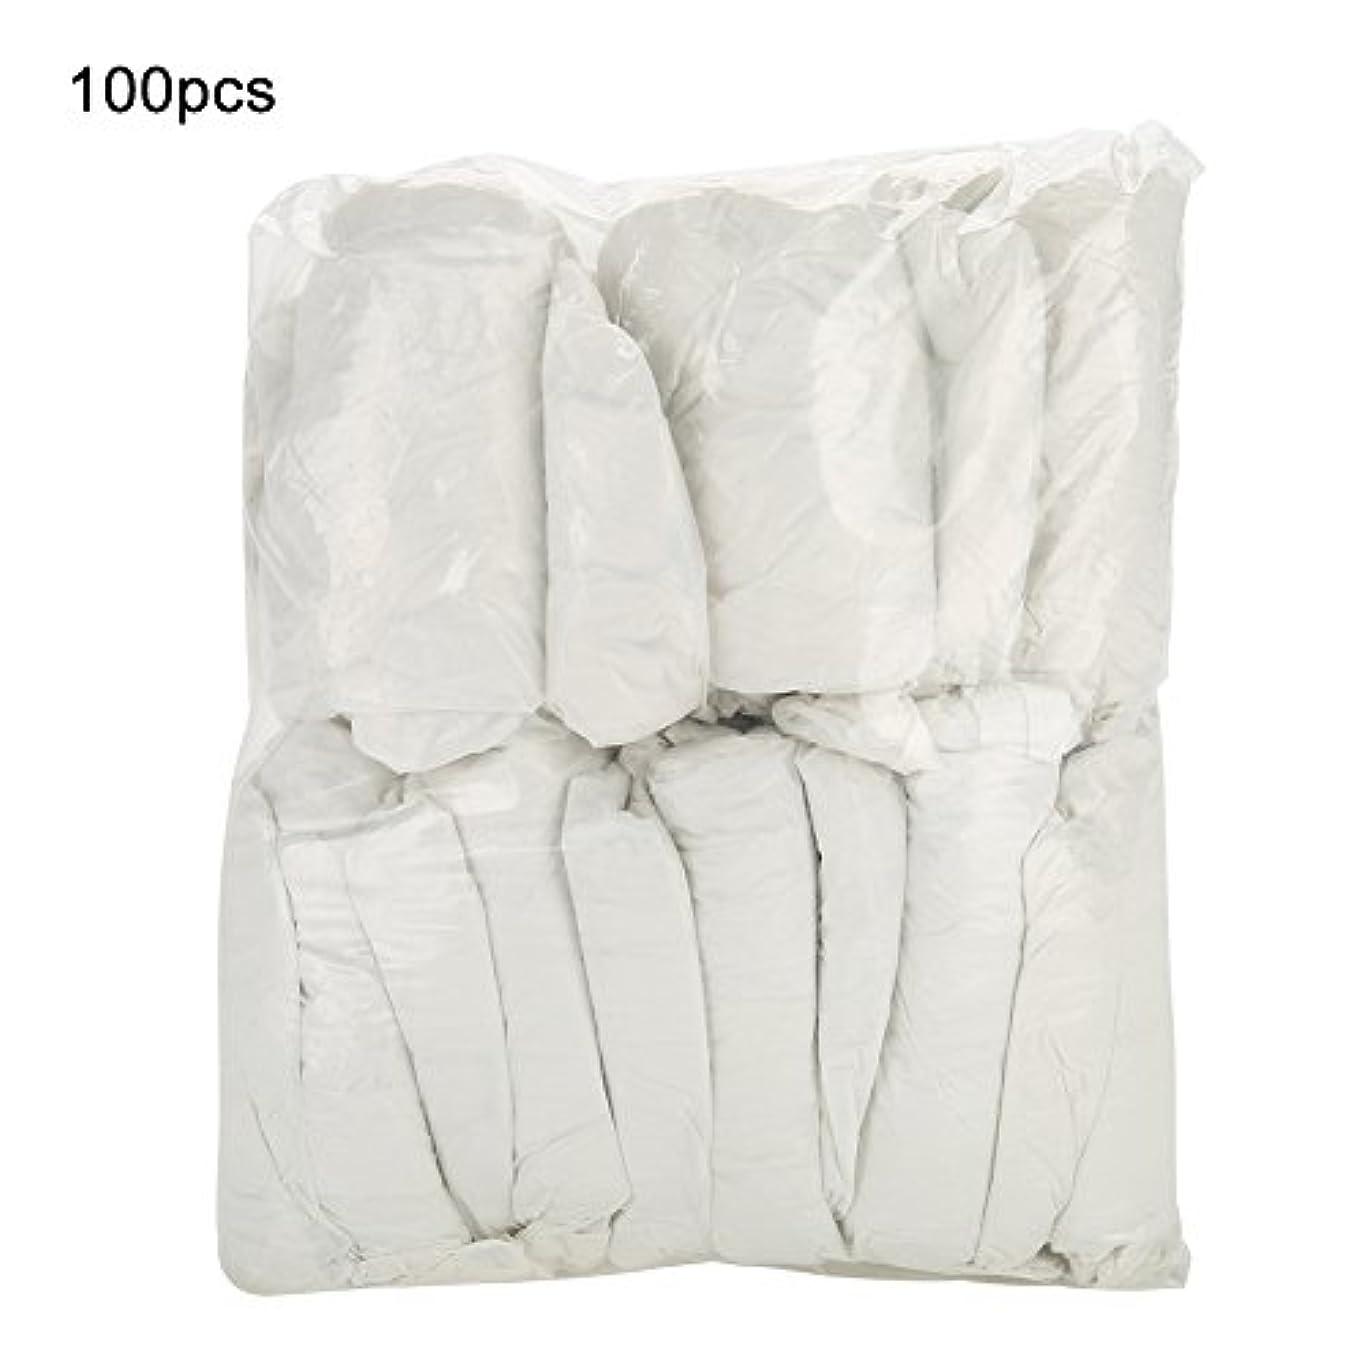 各ダウンロイヤリティSemme 100pcs / bag使い捨てPlasticTattooスリーブ、滅菌タトゥーアームスリーブスリーブレットカバー保護